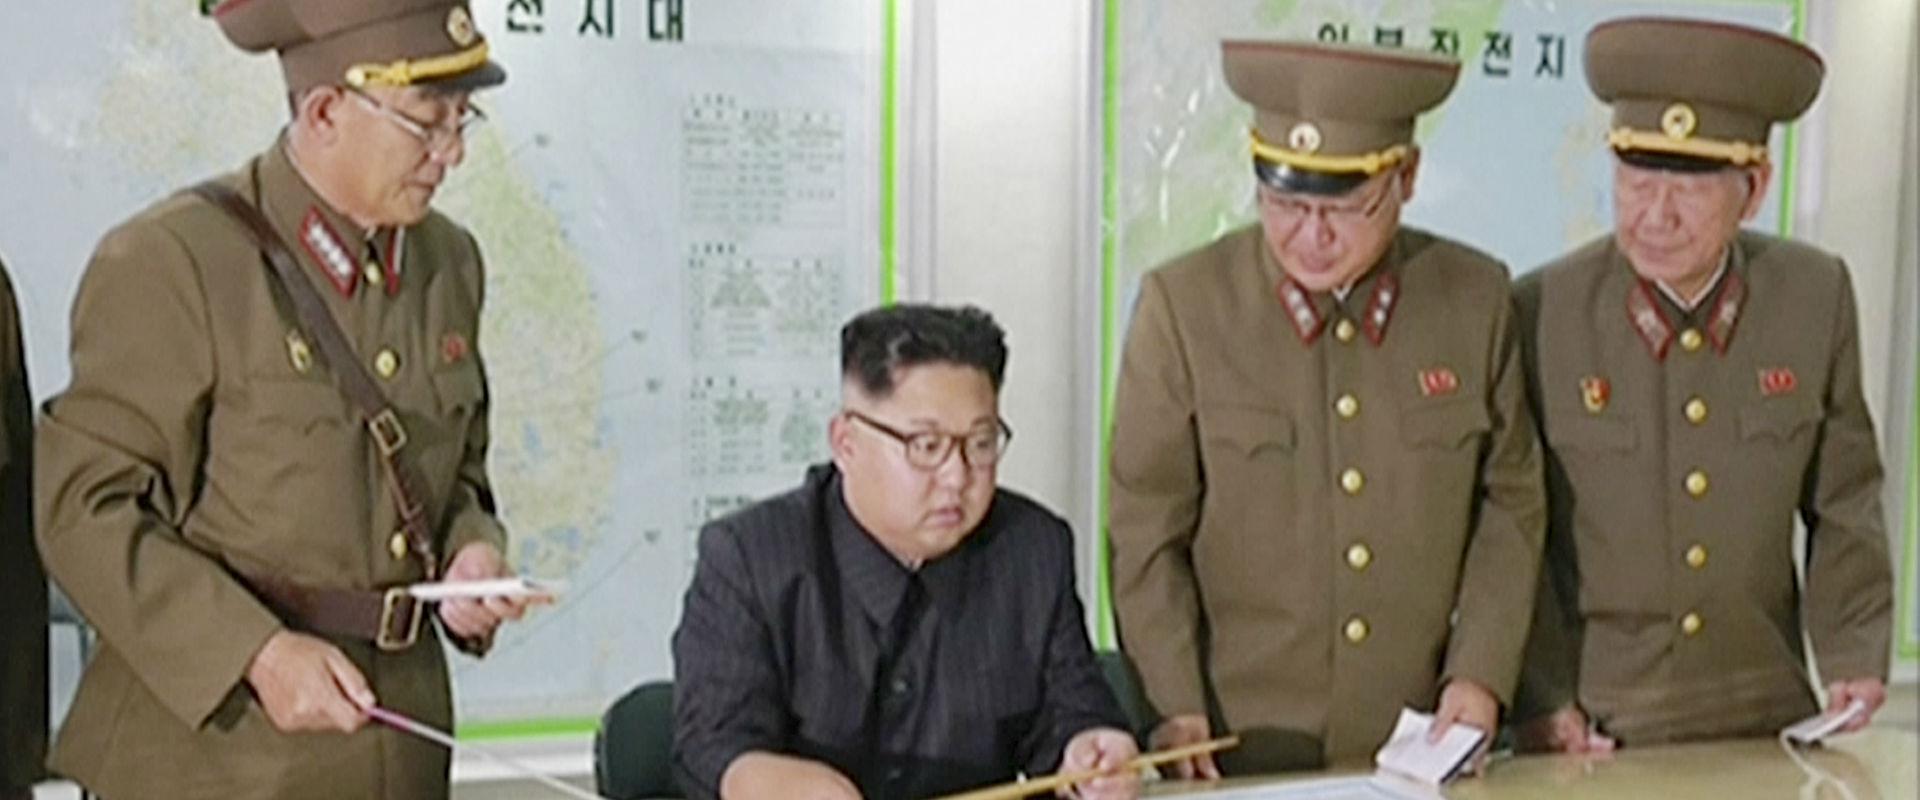 מנהיג קוריאה הצפונית קים ג'ונג און מקבל תדריך מבכי